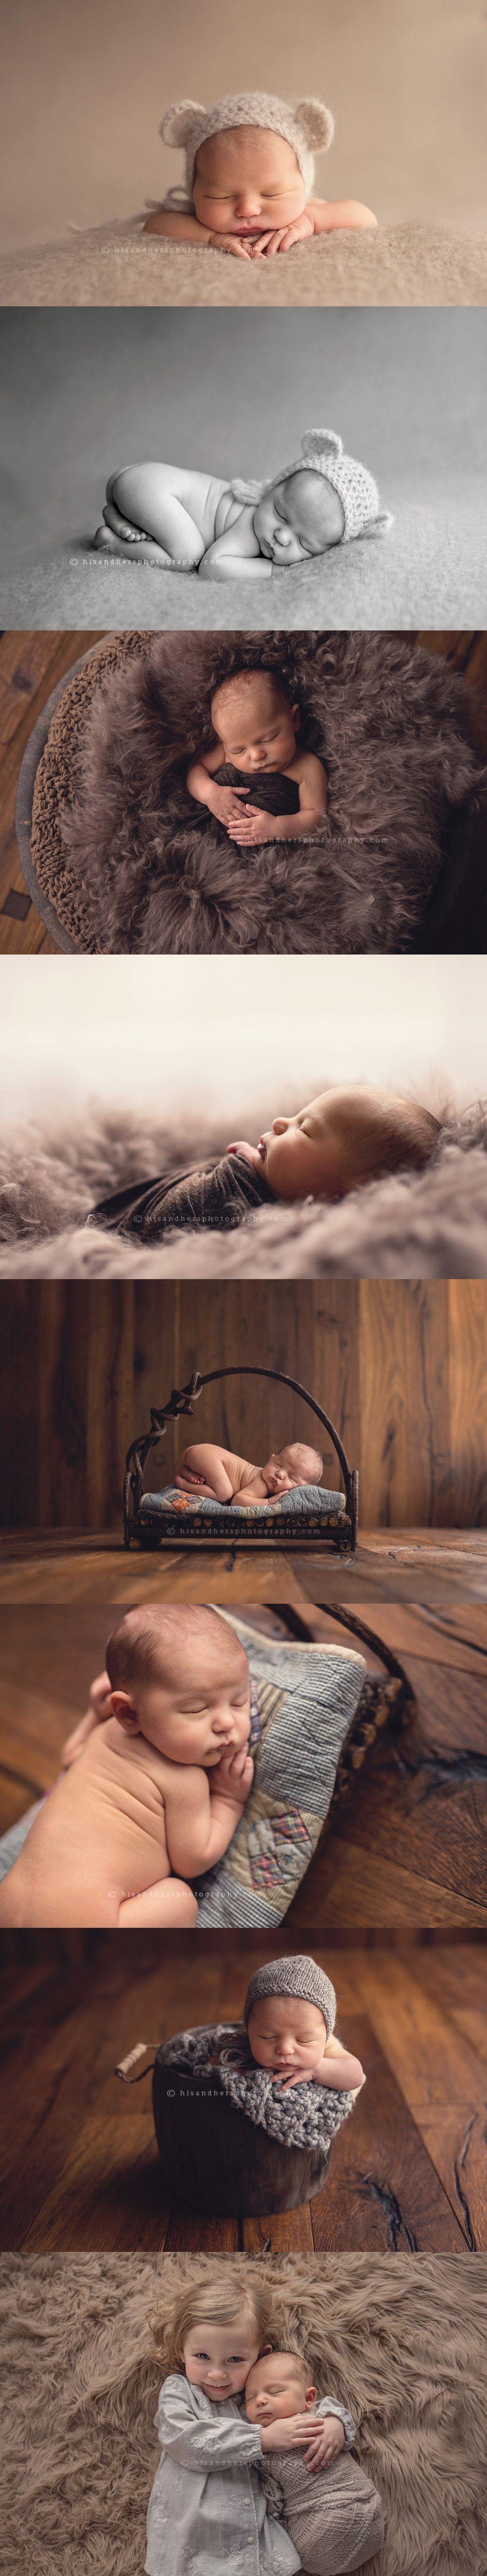 des moines iowa newborn photographer